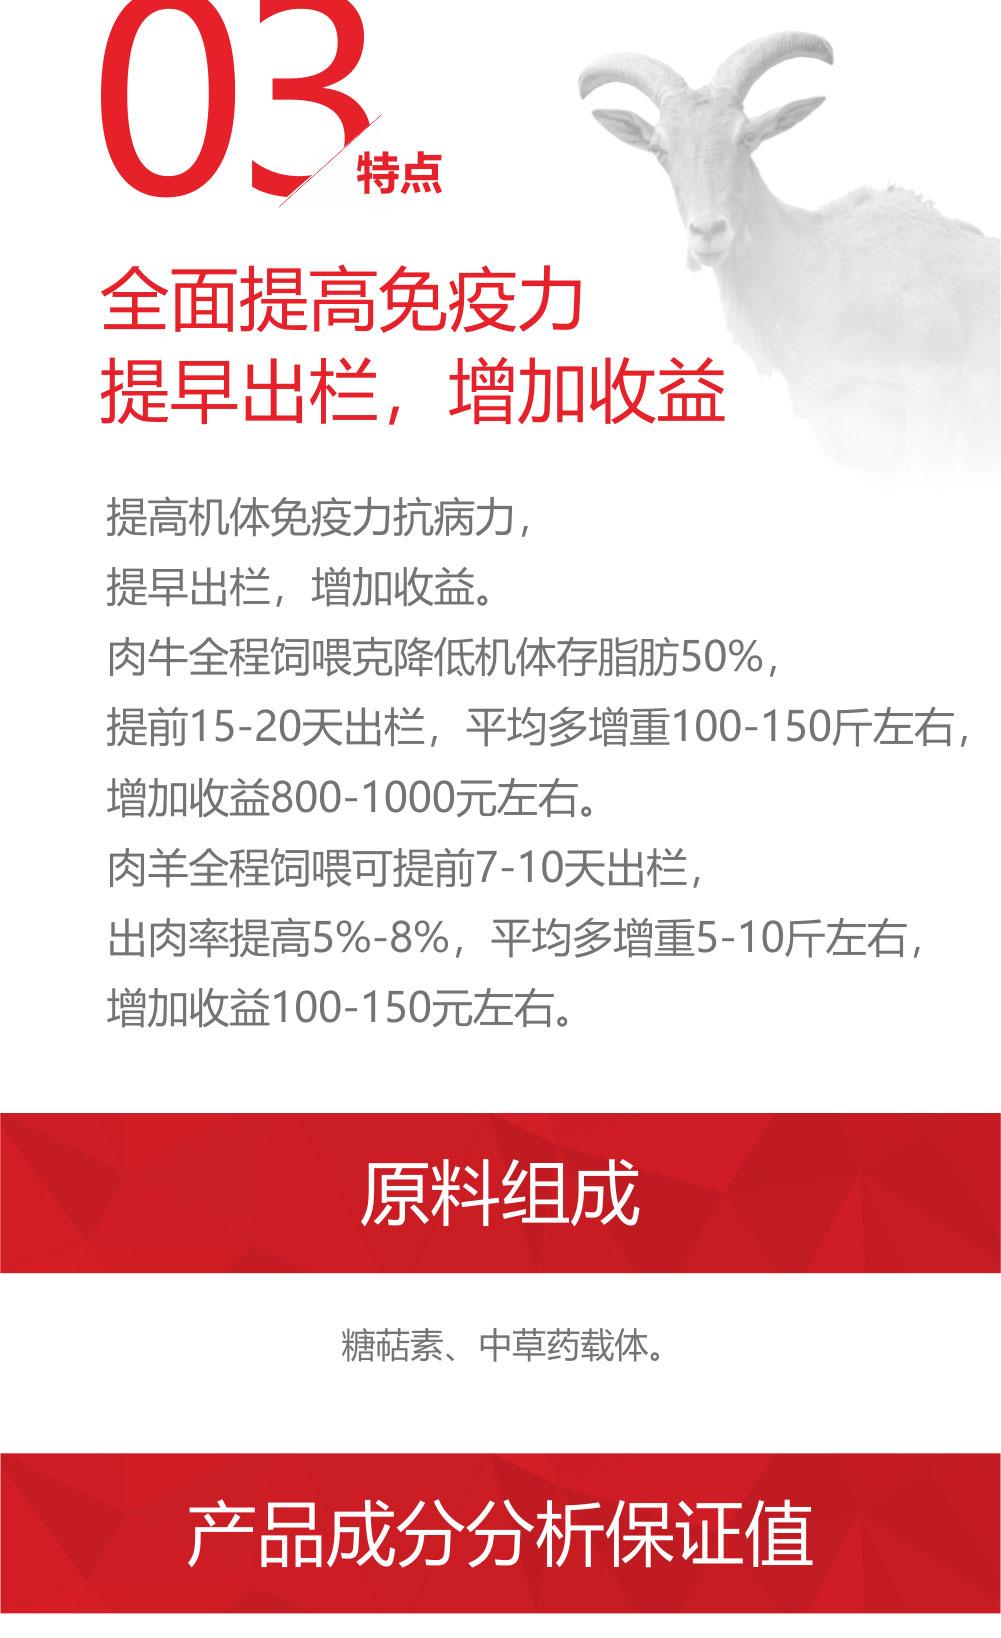 豐長肽-1000_01_03.jpg